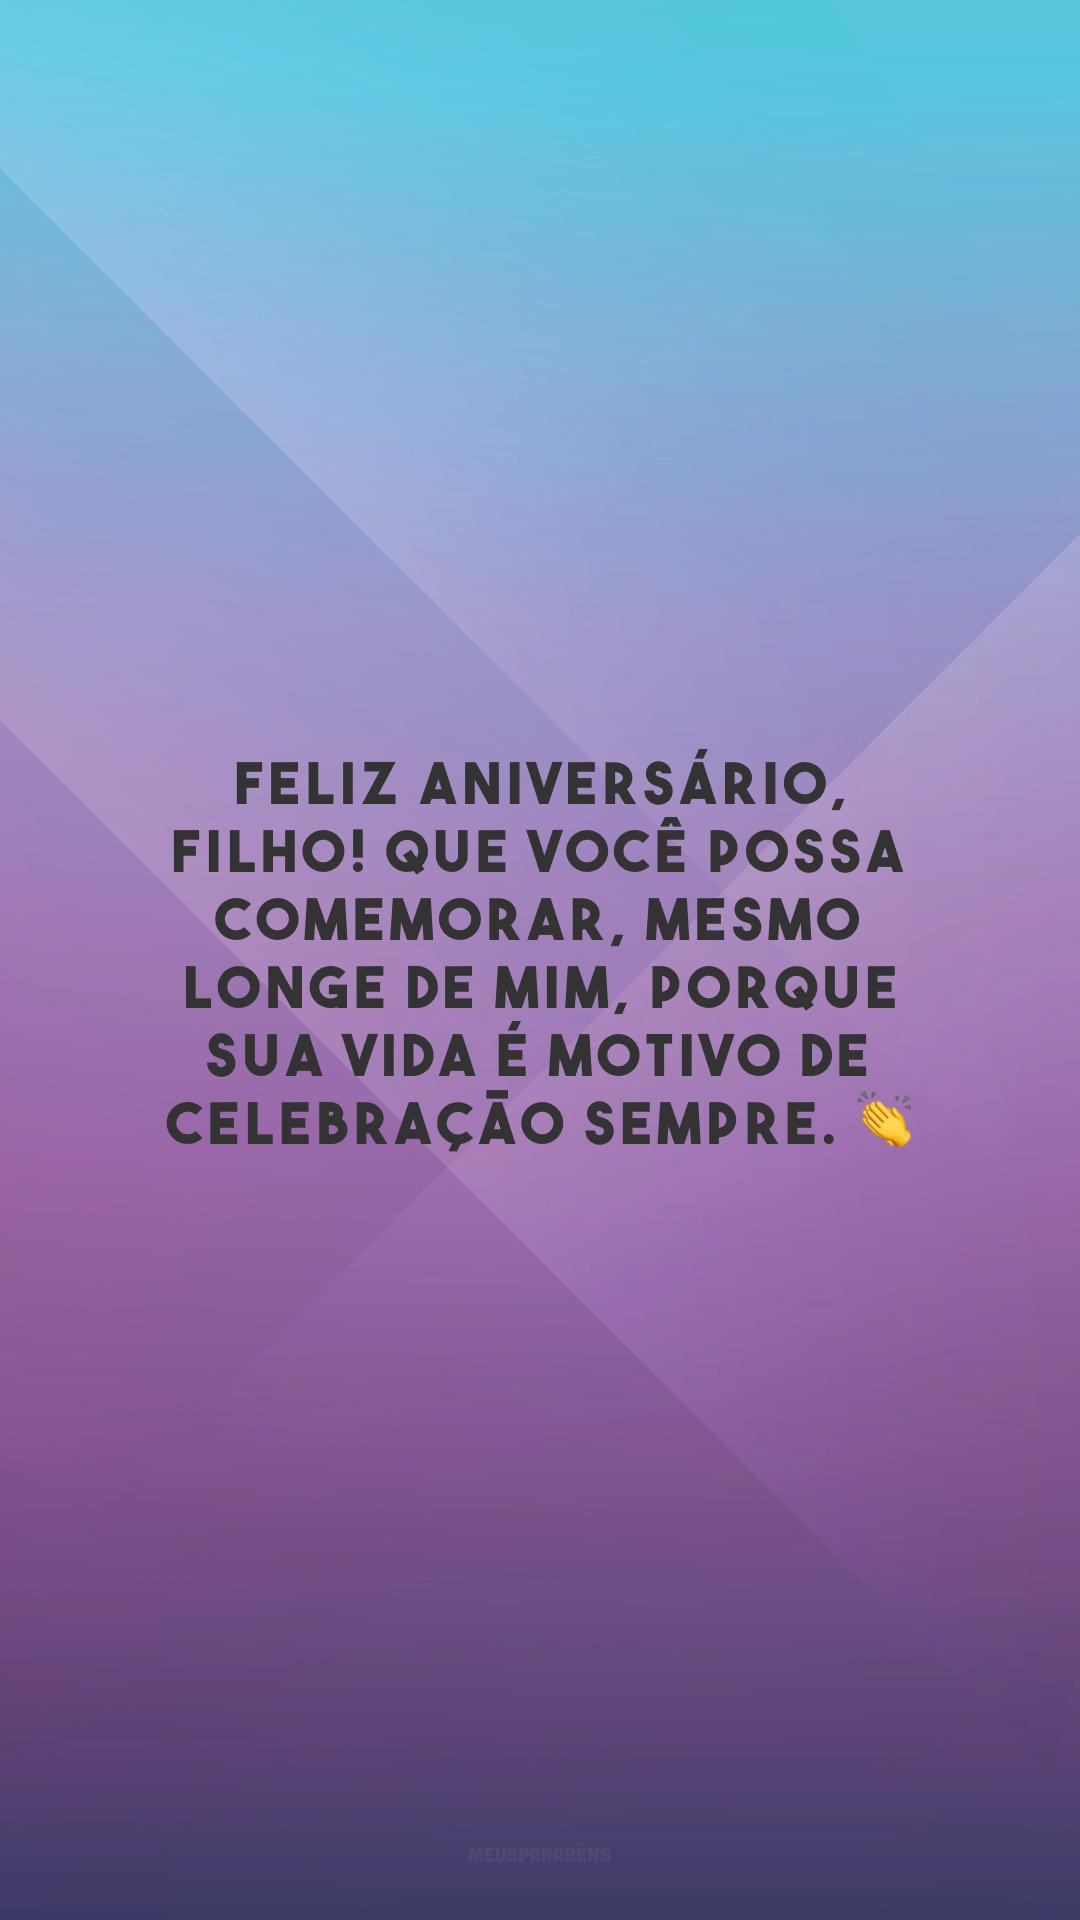 Feliz aniversário, filho! Que você possa comemorar, mesmo longe de mim, porque sua vida é motivo de celebração sempre. 👏